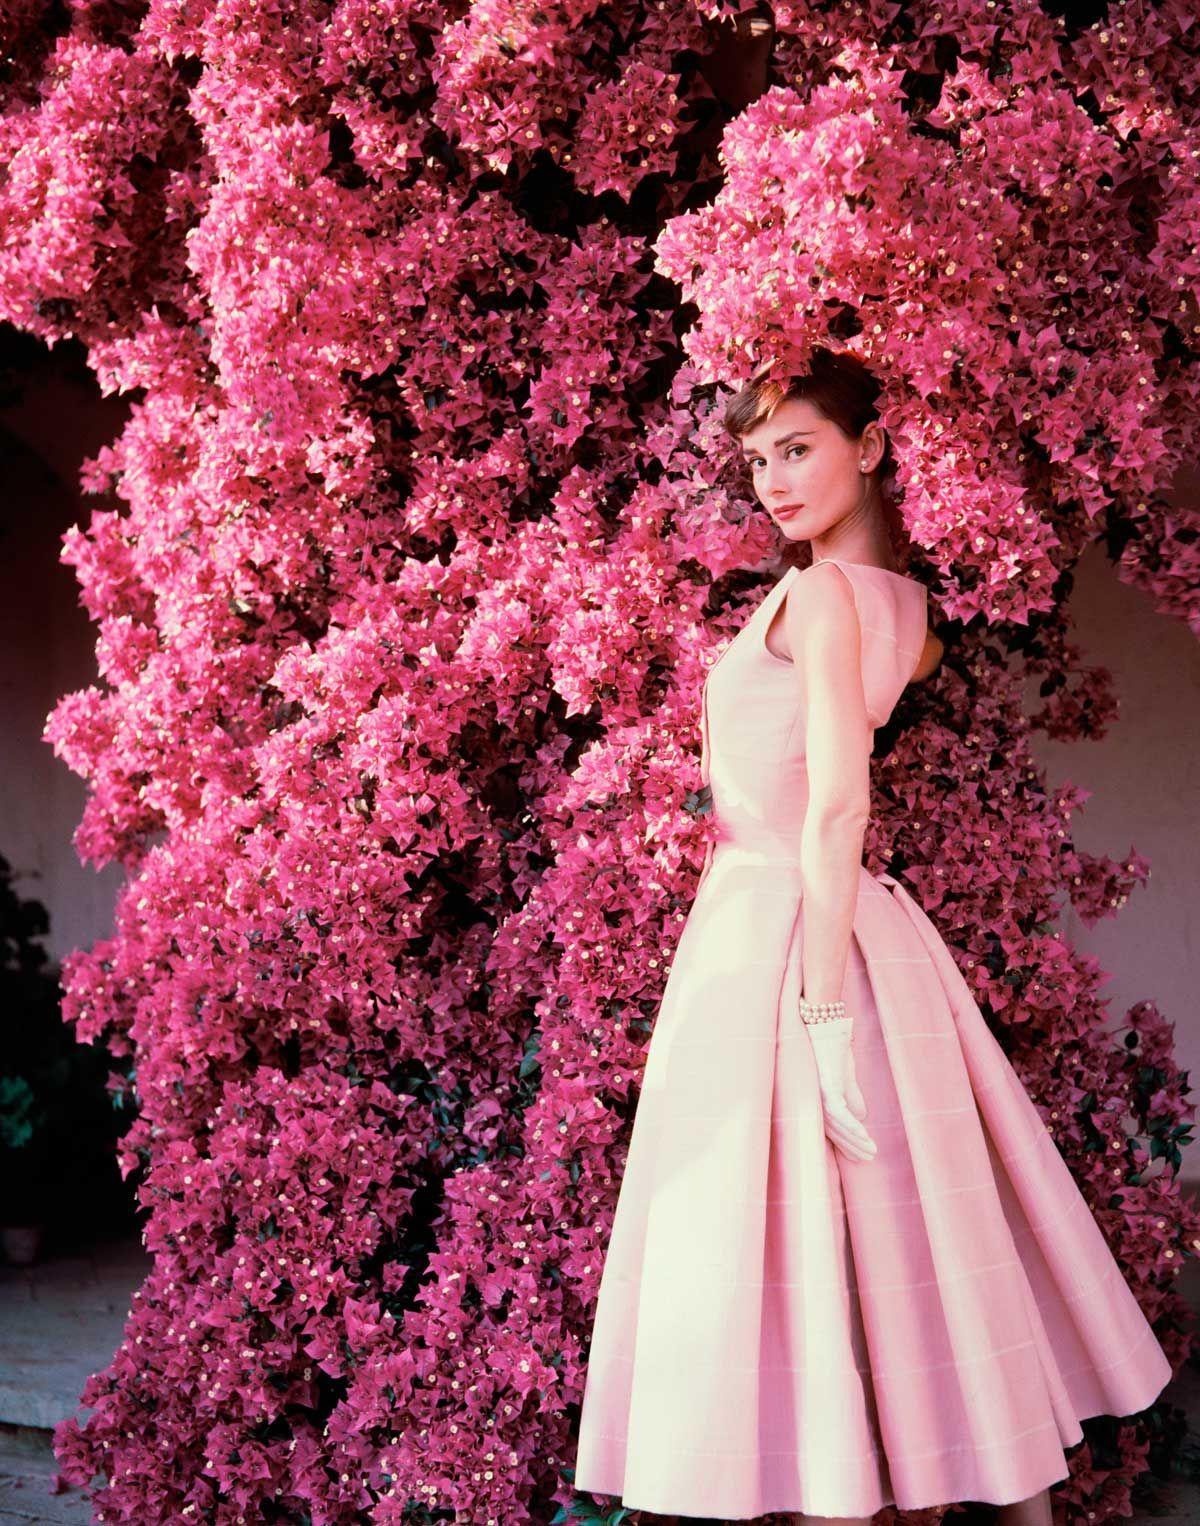 LOVE! Norman Parkinson – Audrey Hepburn, Vogue 1955 © Norman ...